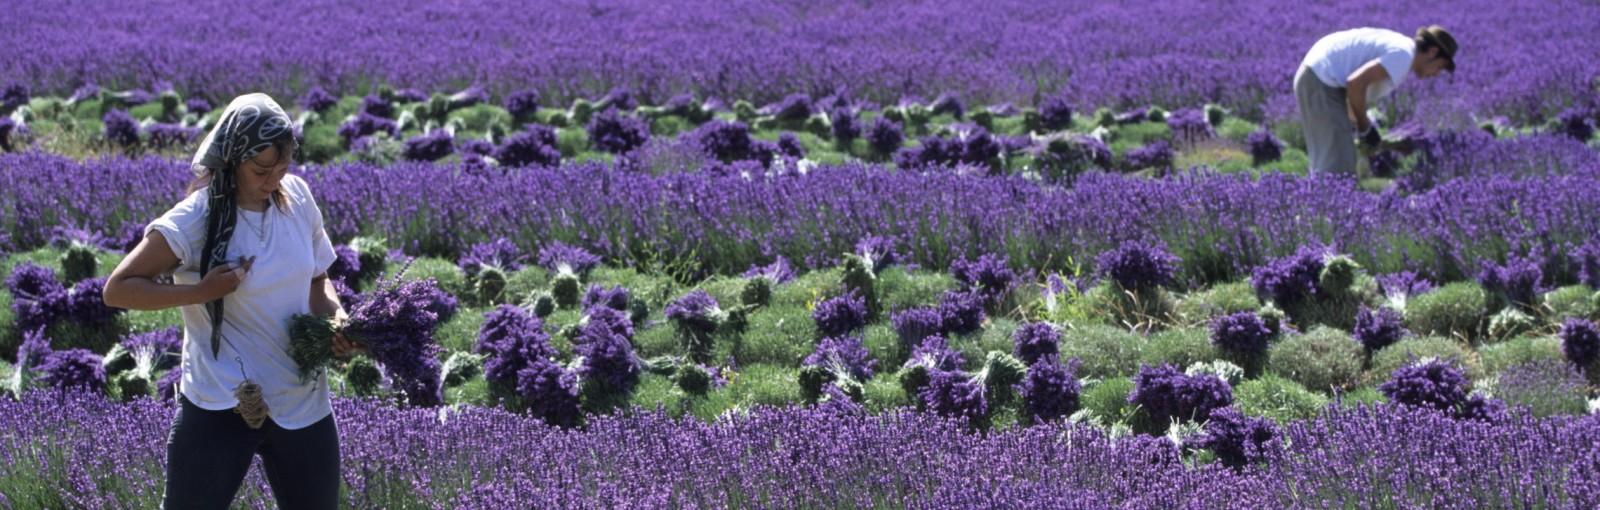 Tours Provence - Journées complètes - Excursions au départ de Paris